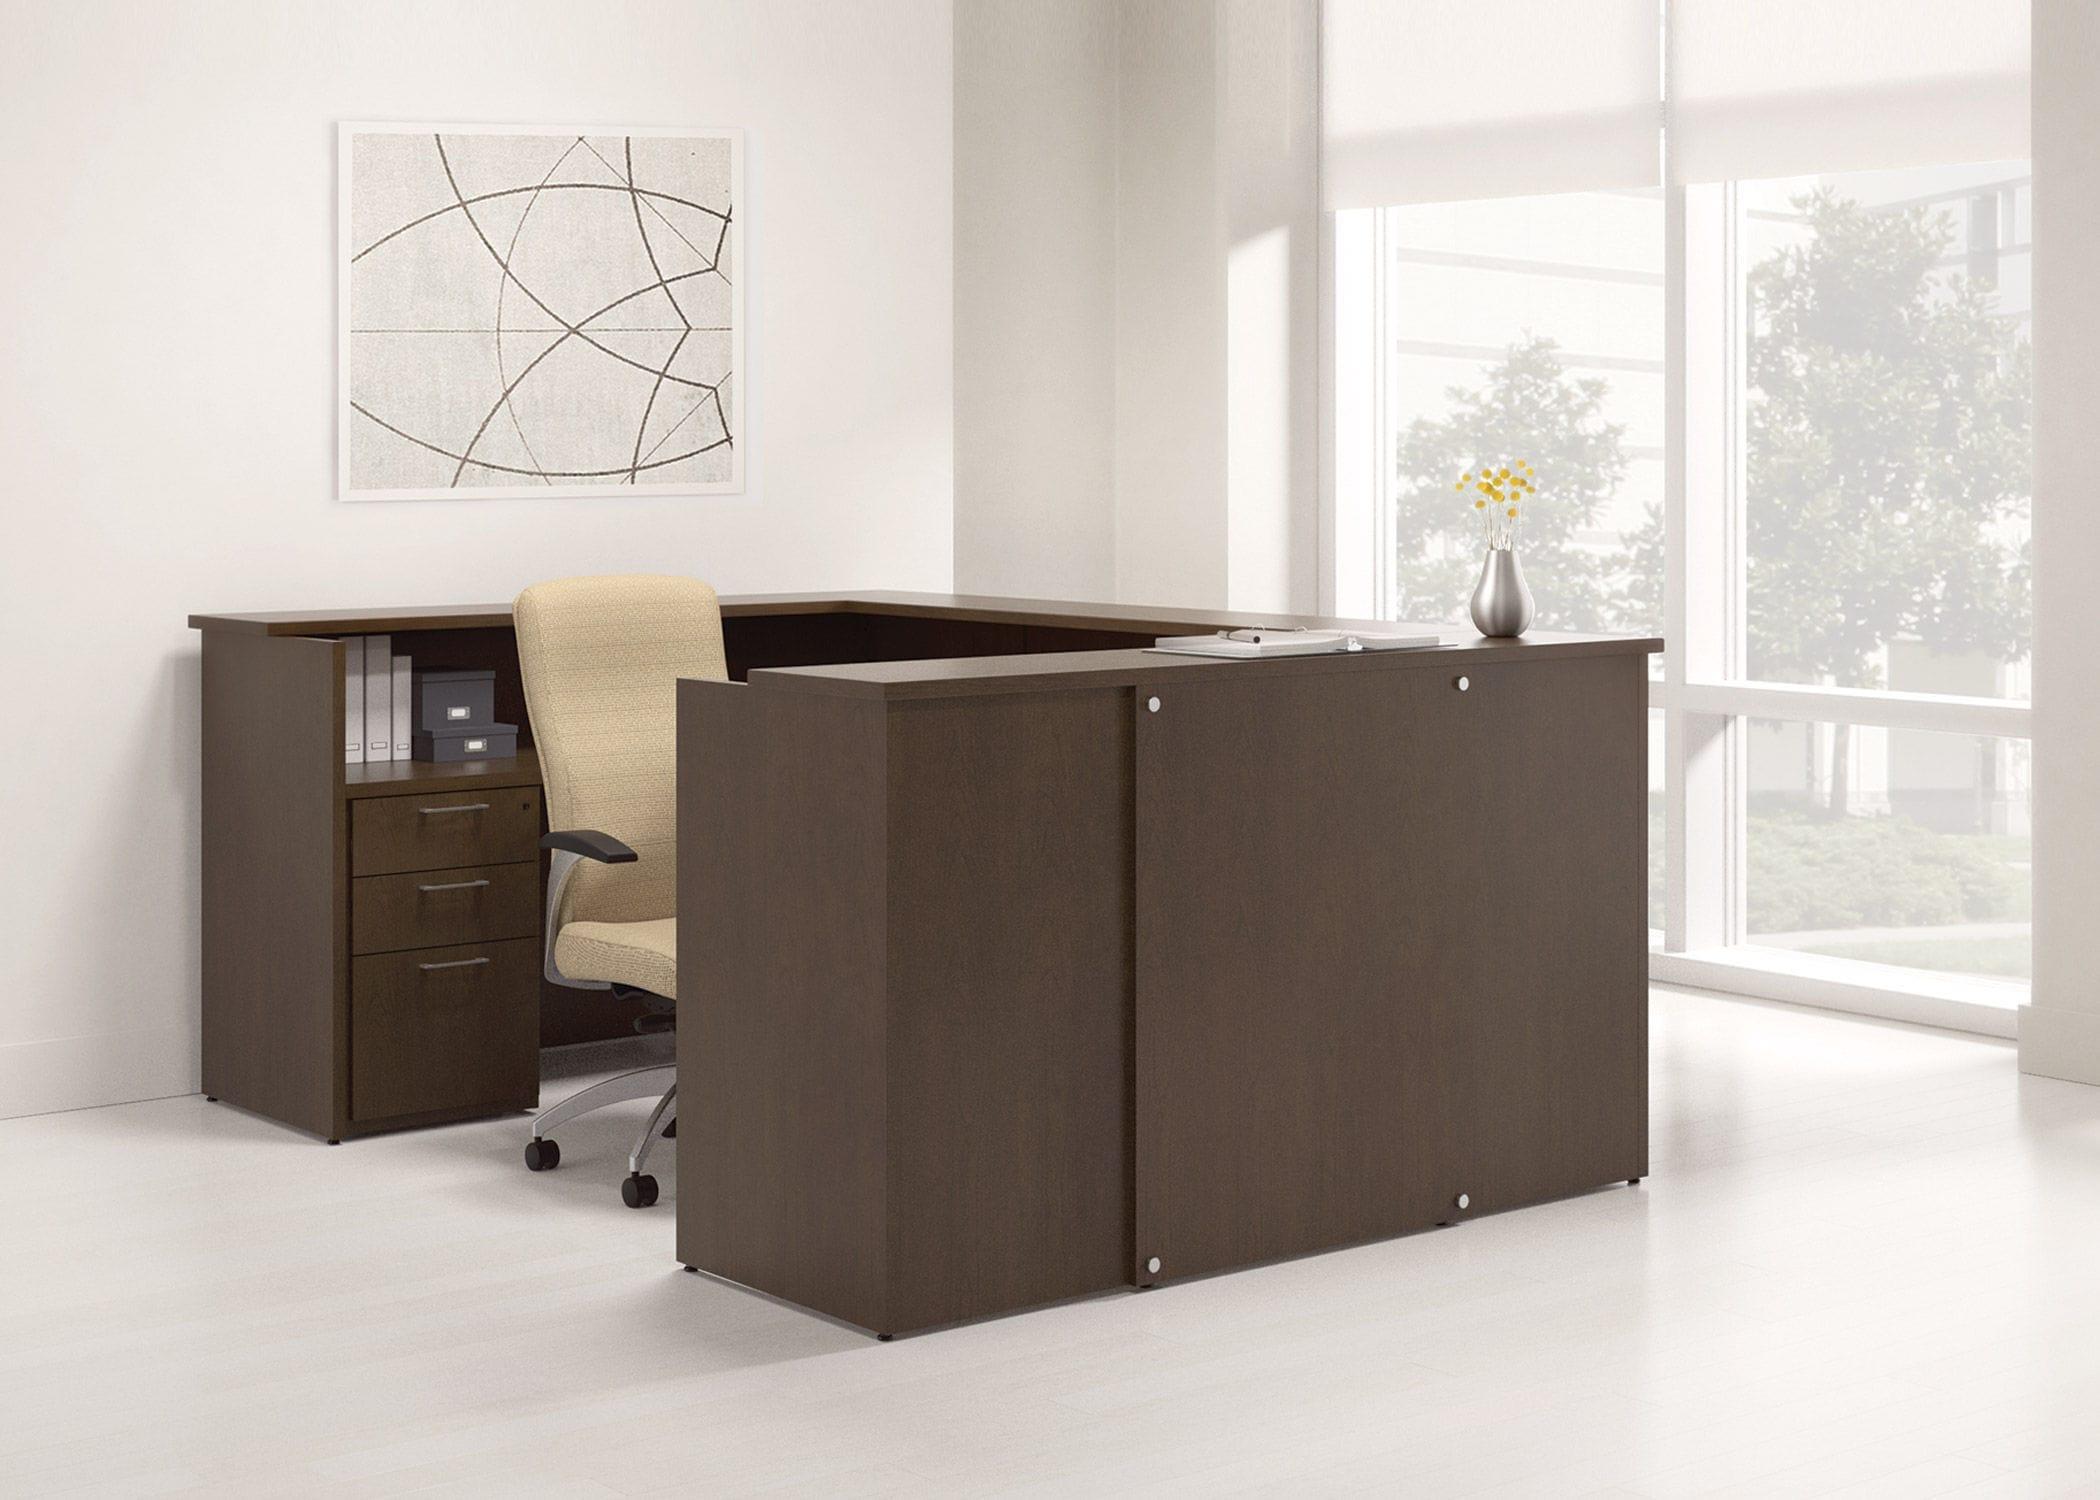 Reception desk - Renegade - National Office Furniture - workstation